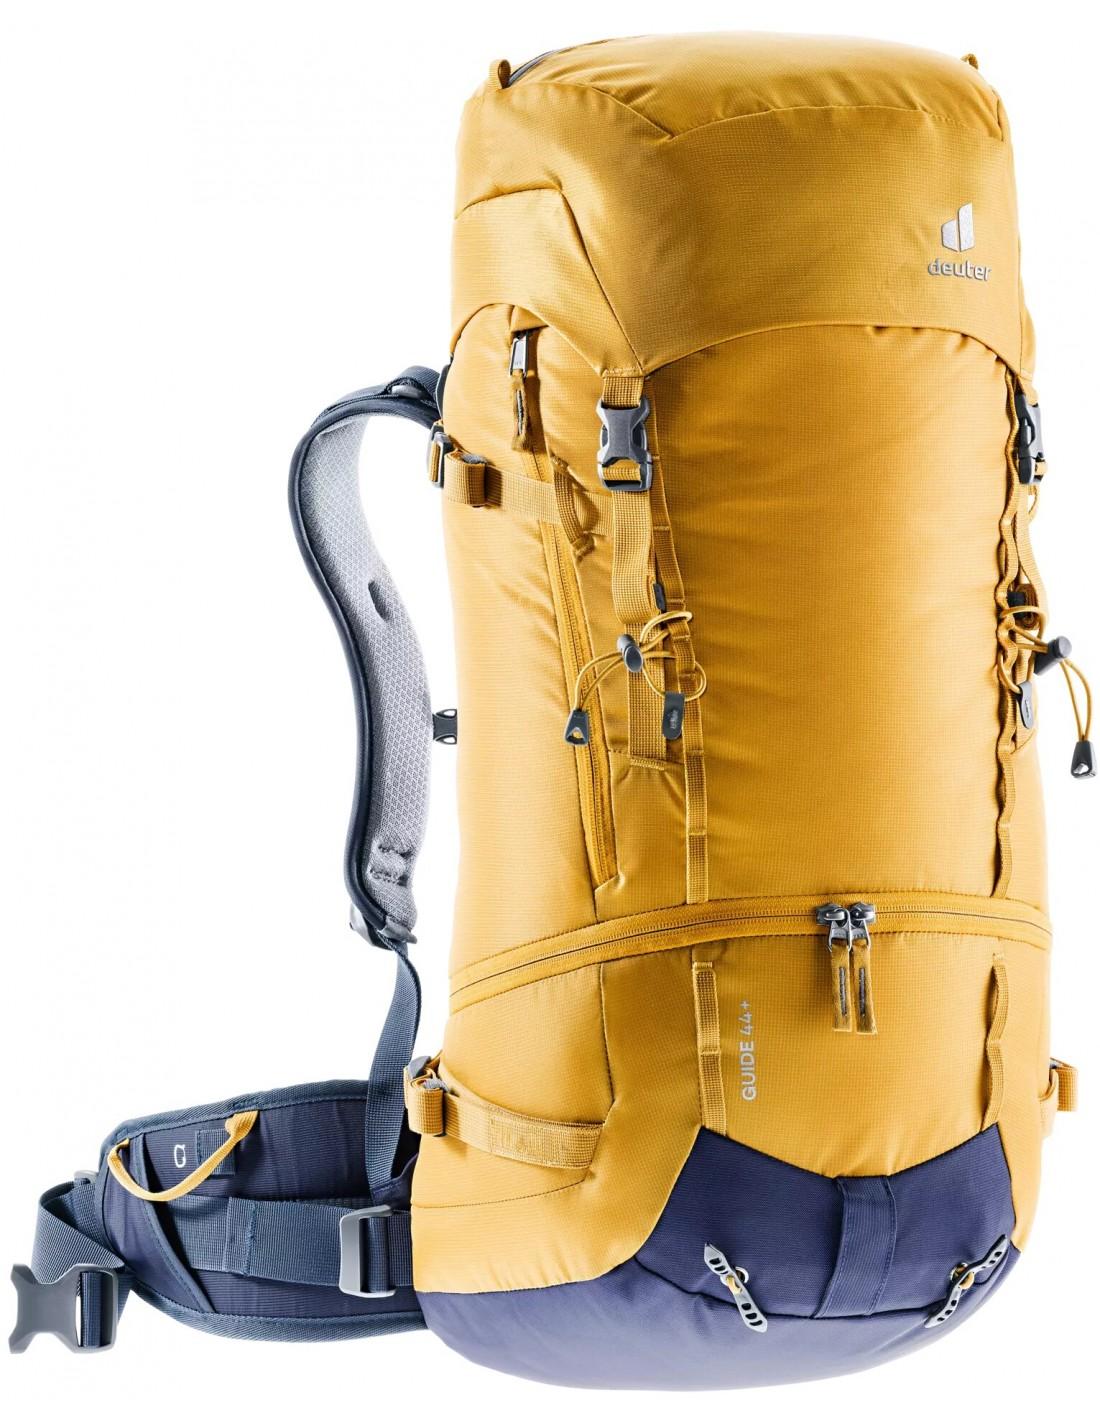 Deuter Rucksack Guide 44+, curry-navy Rucksackart - Wandern & Trekking, Ruc günstig online kaufen